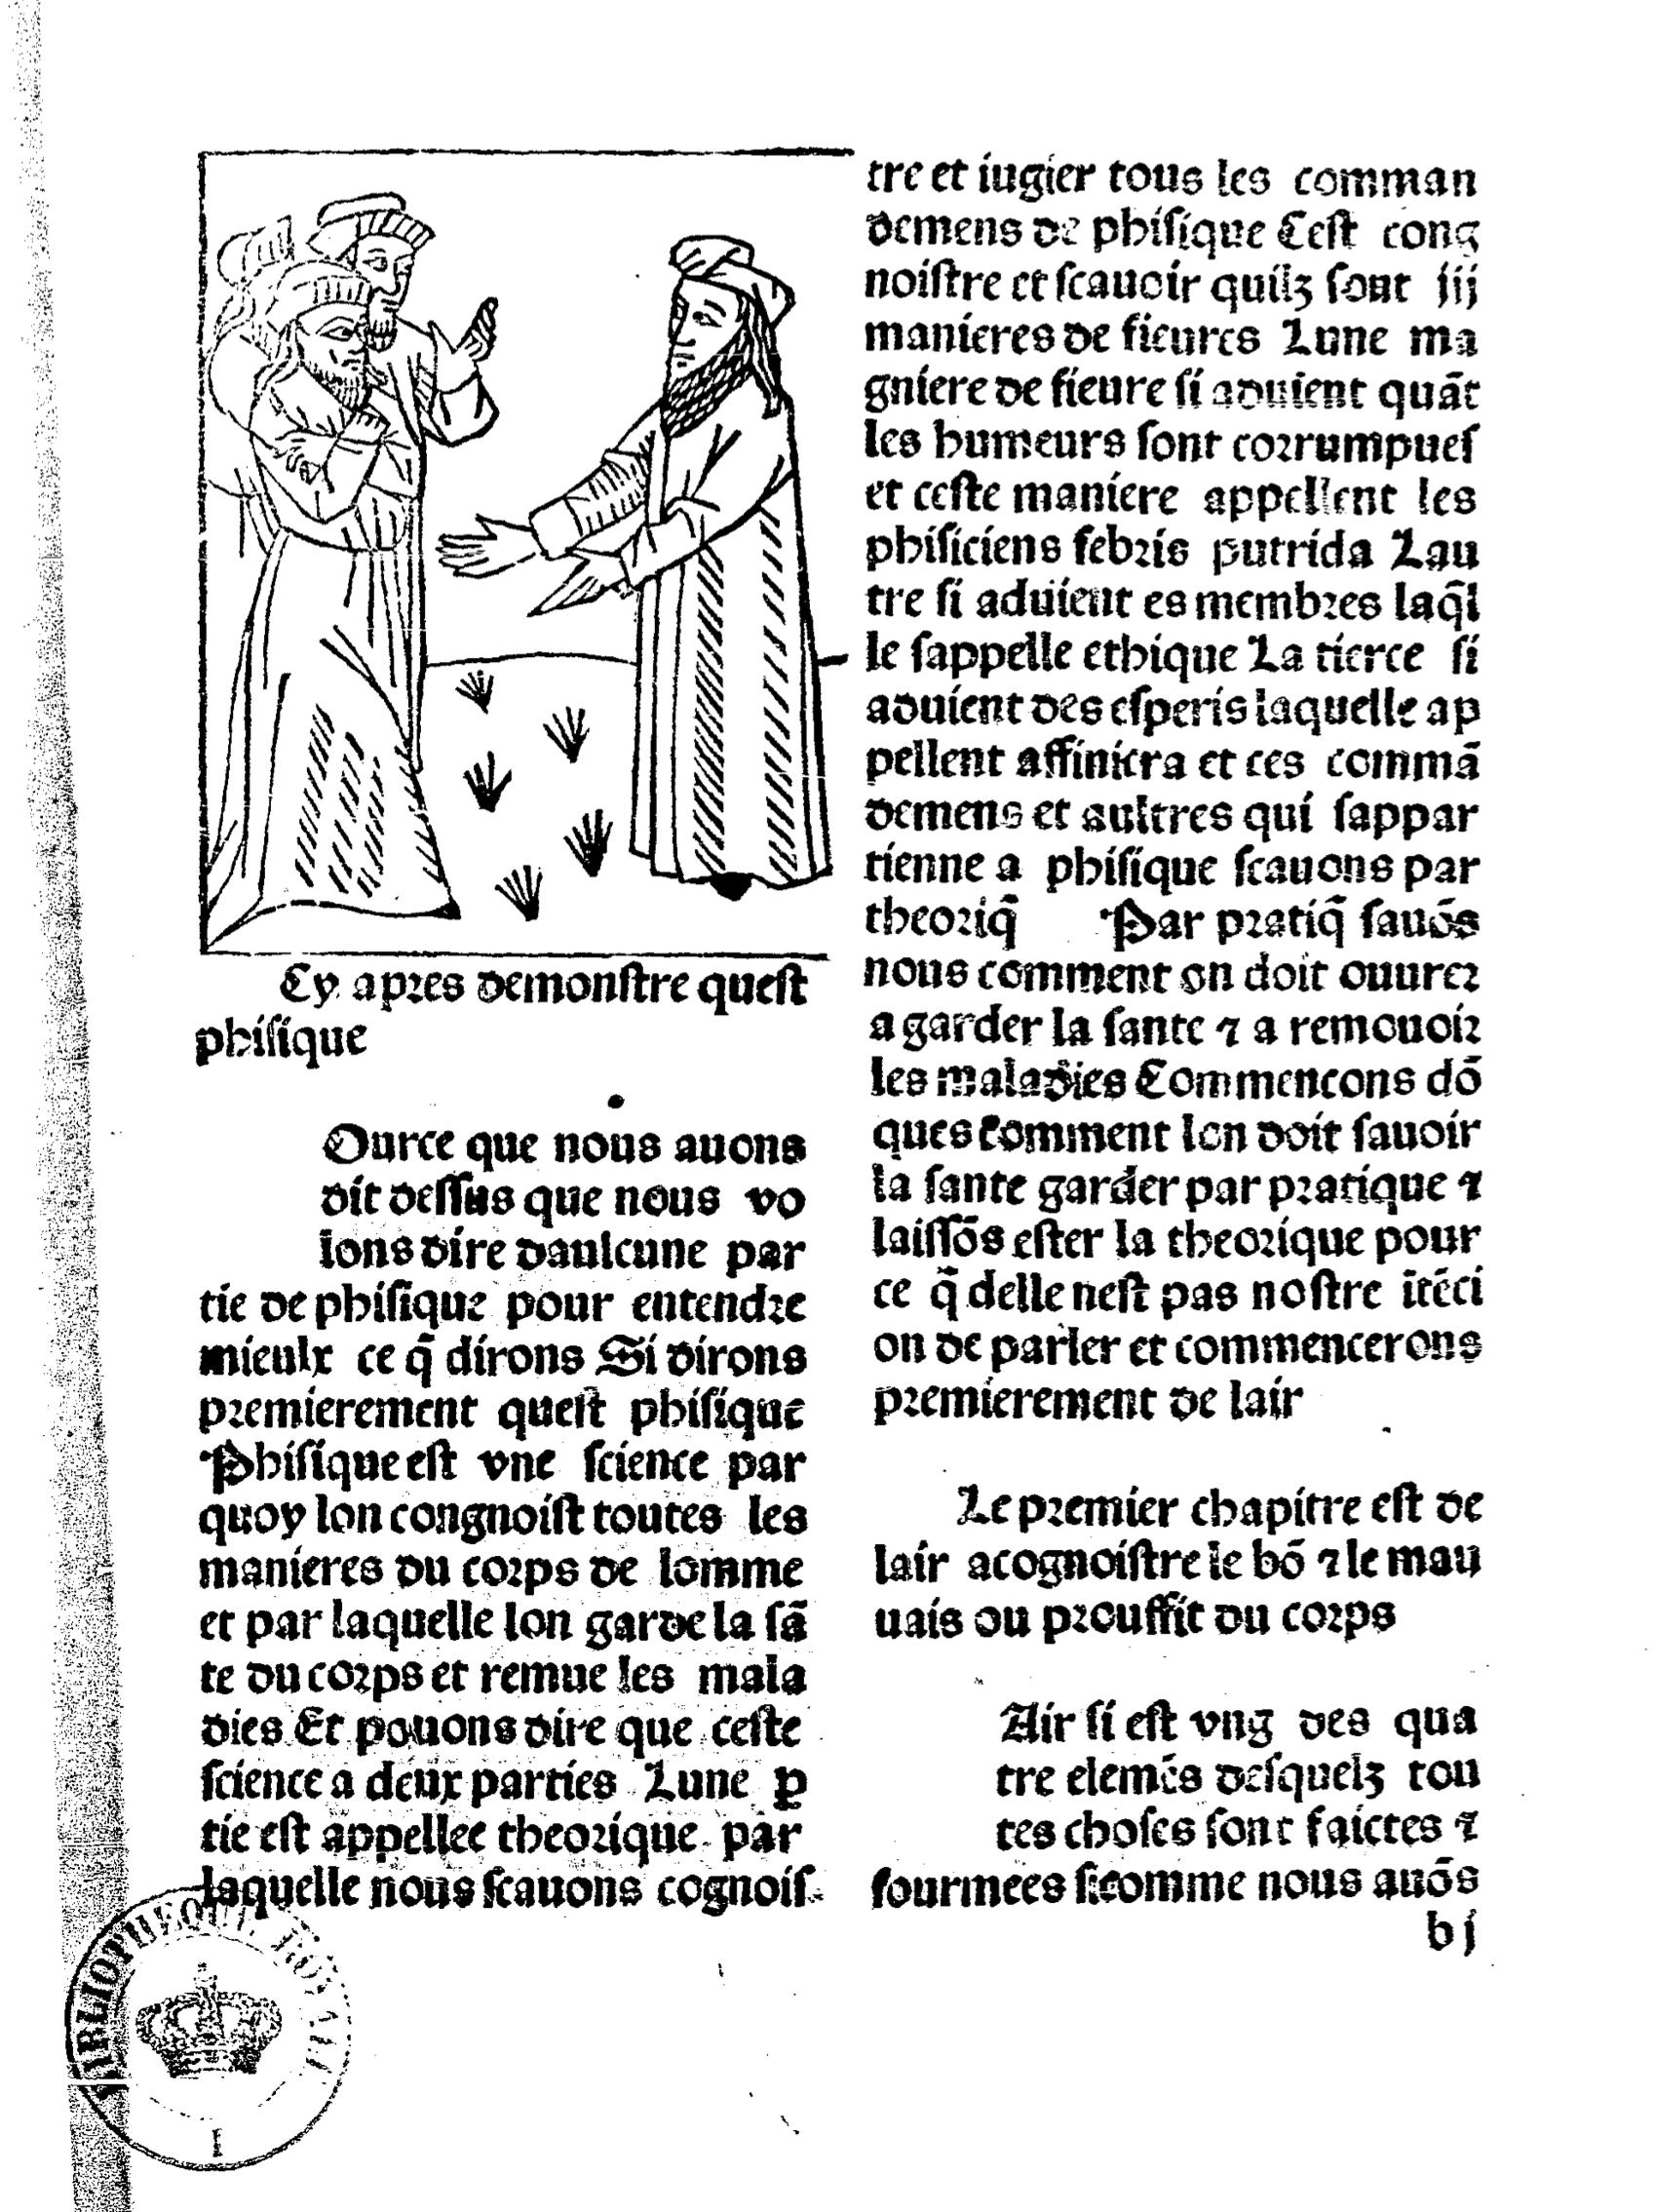 15世紀に刊行されたアルドブランダン『健康を保つための本』